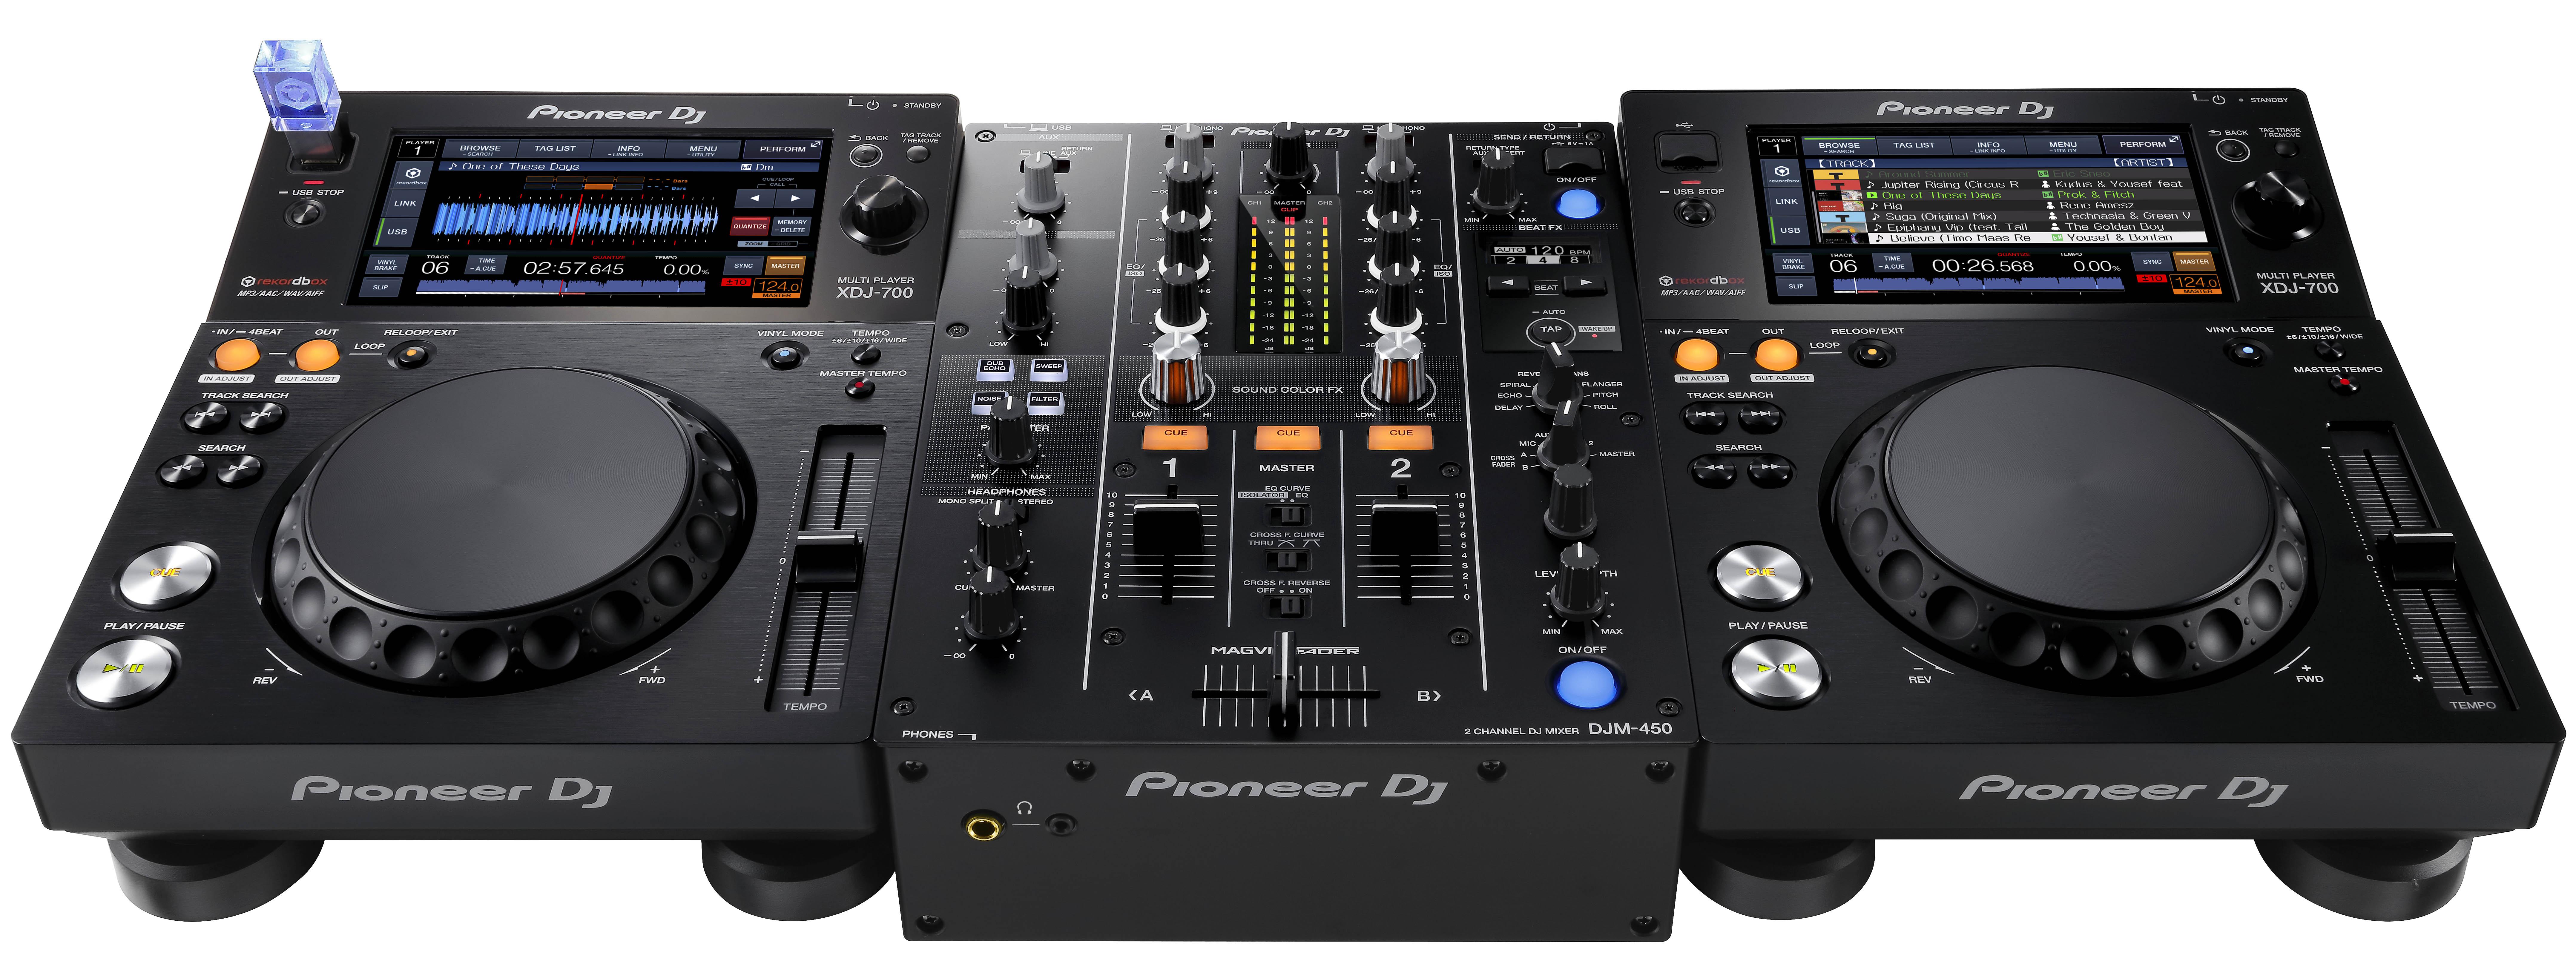 Nueva mesa de mezclas de 2 canales pioneer djm 450 djmania - Mesa dj pioneer ...